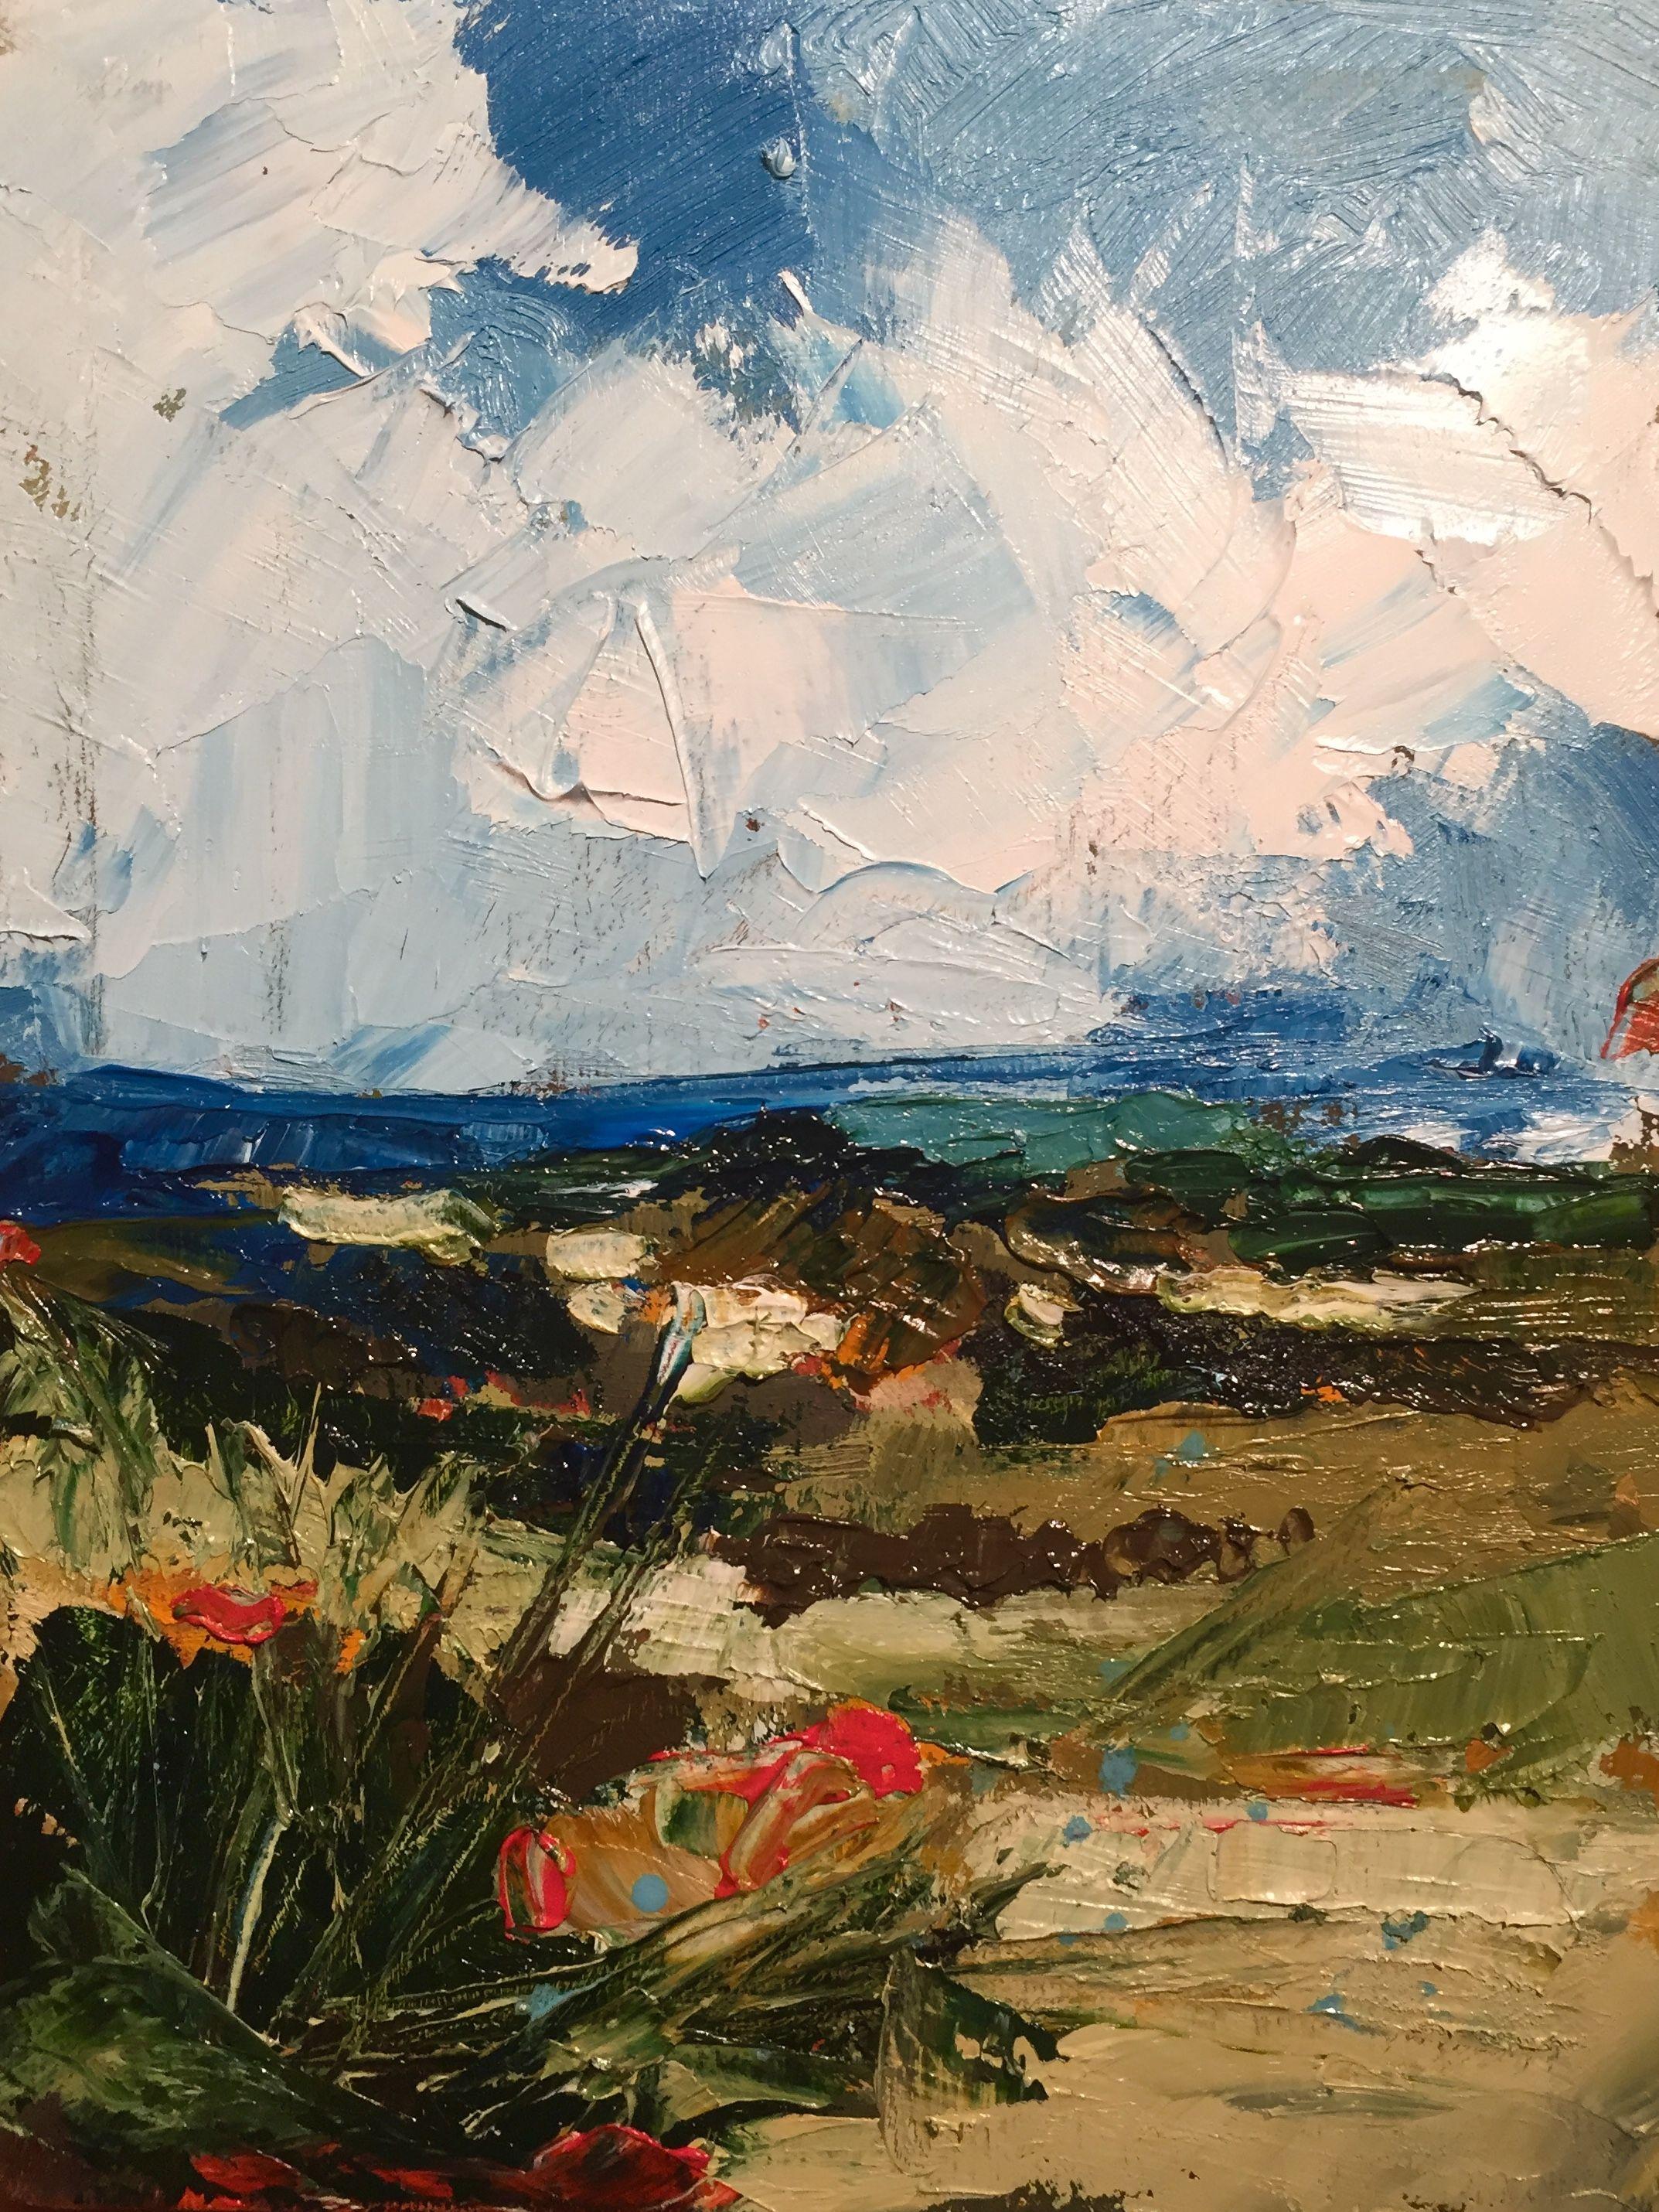 Landscape Painting 2018 Oil On Canvas 18x24 Cm Landscape Paintings Oil Canvas Art Handmade Colors Artist P Landscape Paintings Painting Ocean Painting